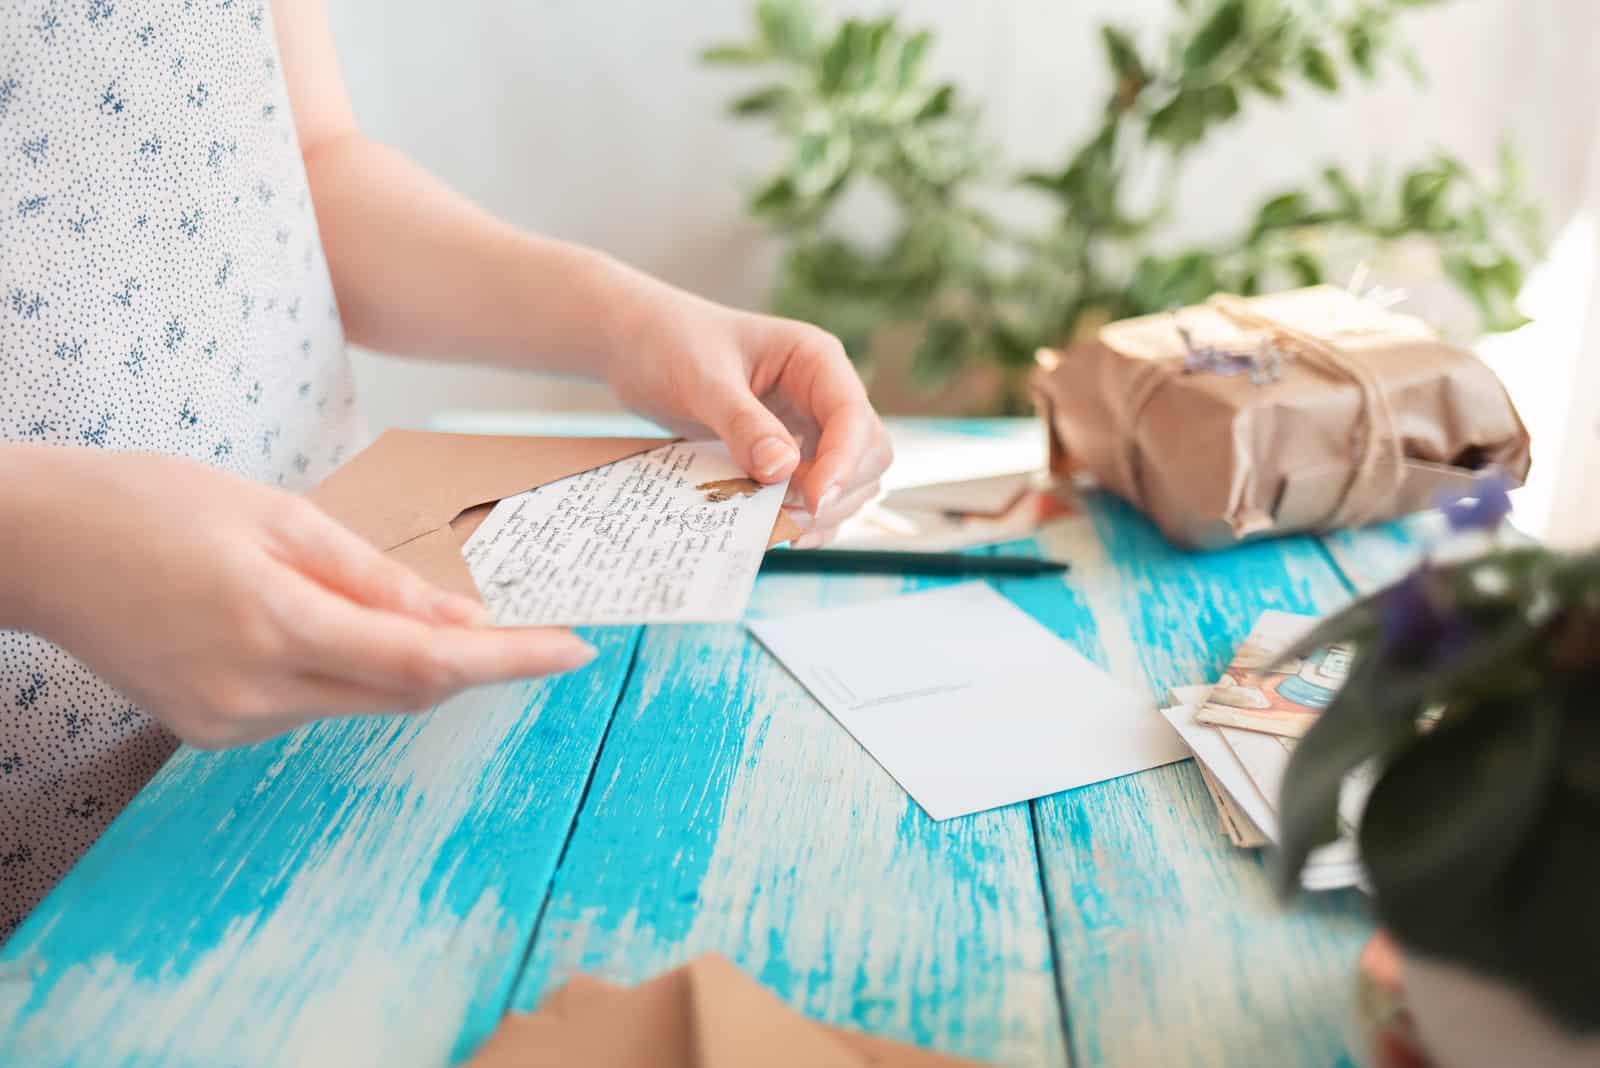 la femme emballe une carte de voeux